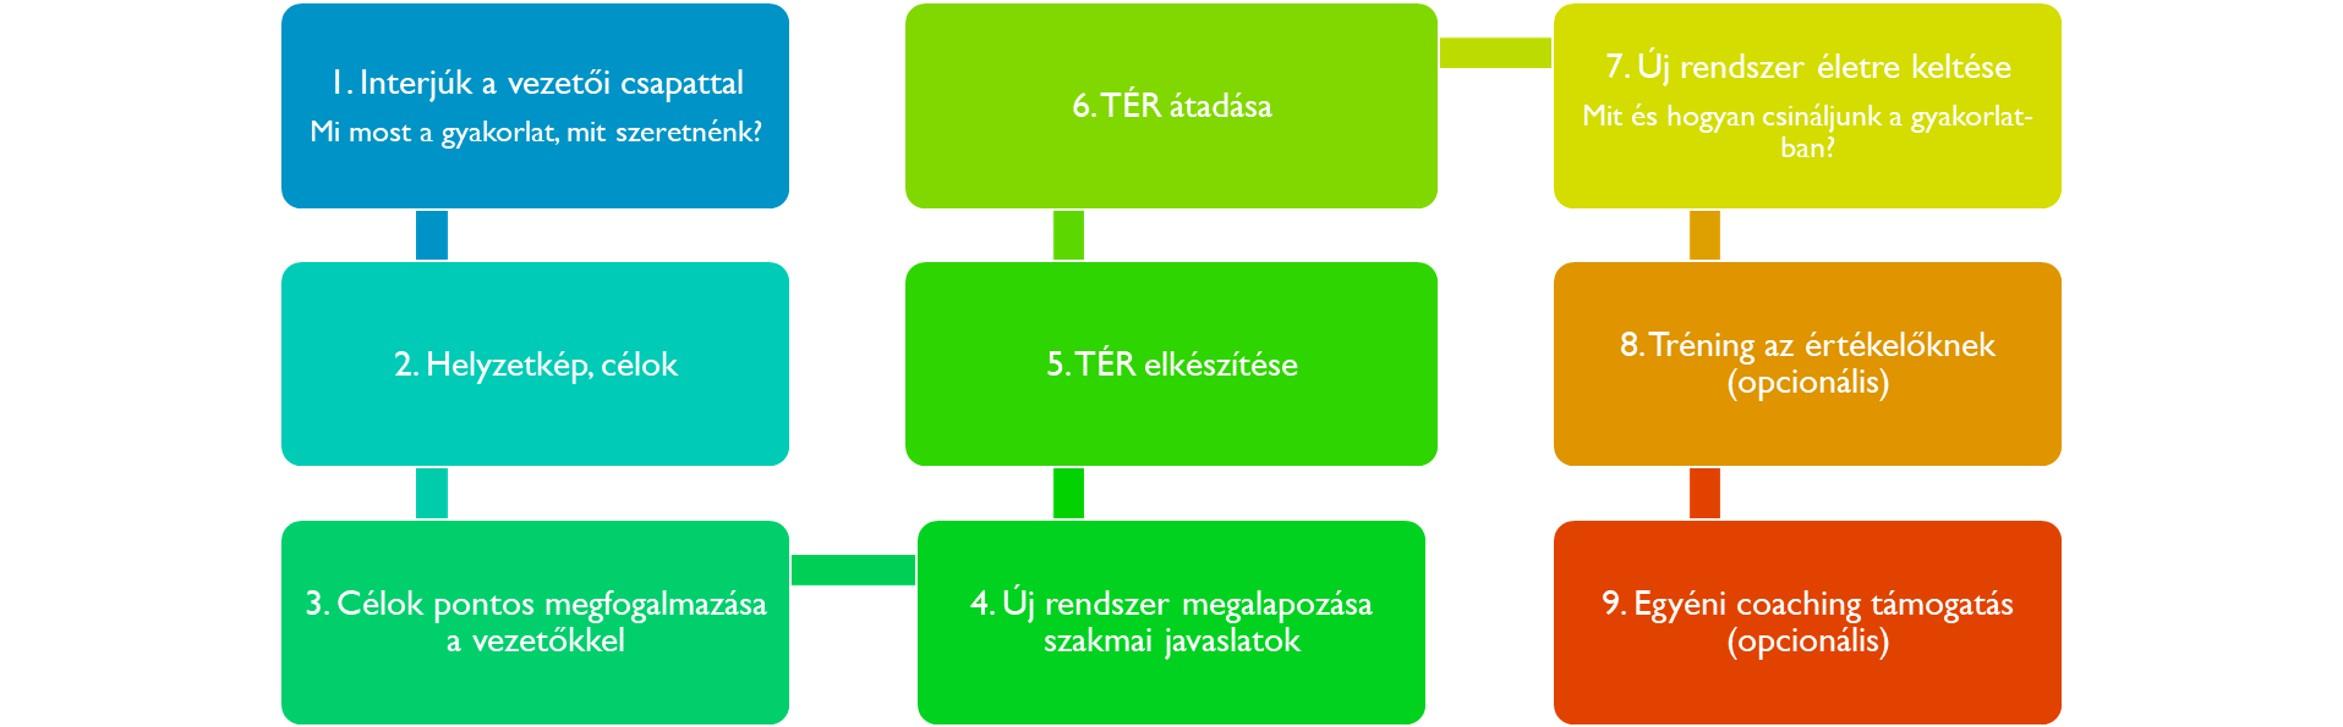 teljesítményértékelési rendszer kidolgozása